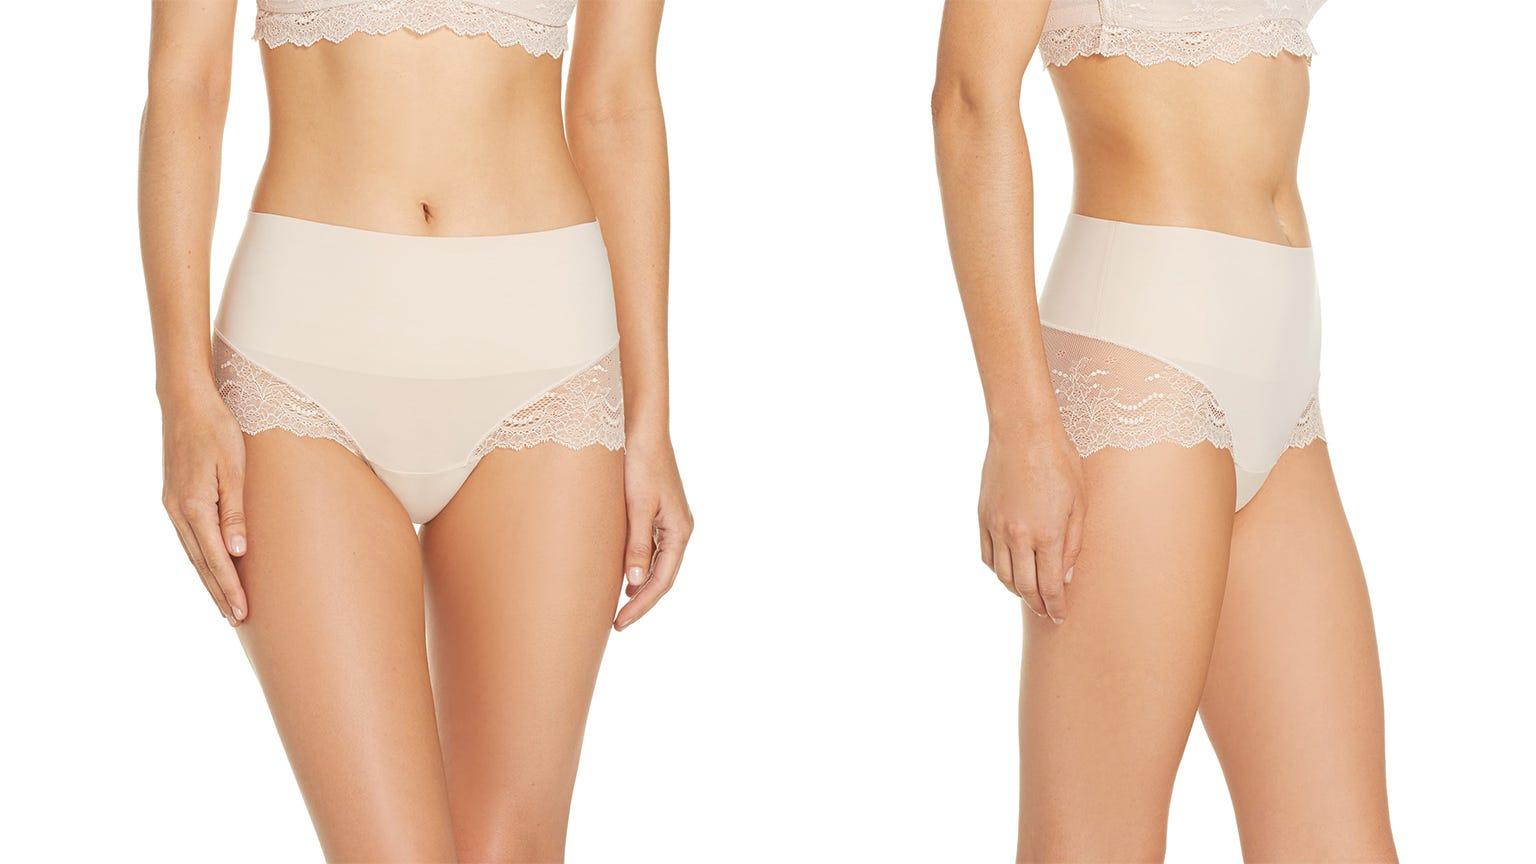 Men's Nordstrom White Brief Underwear Size 32 Lot Of 6 New